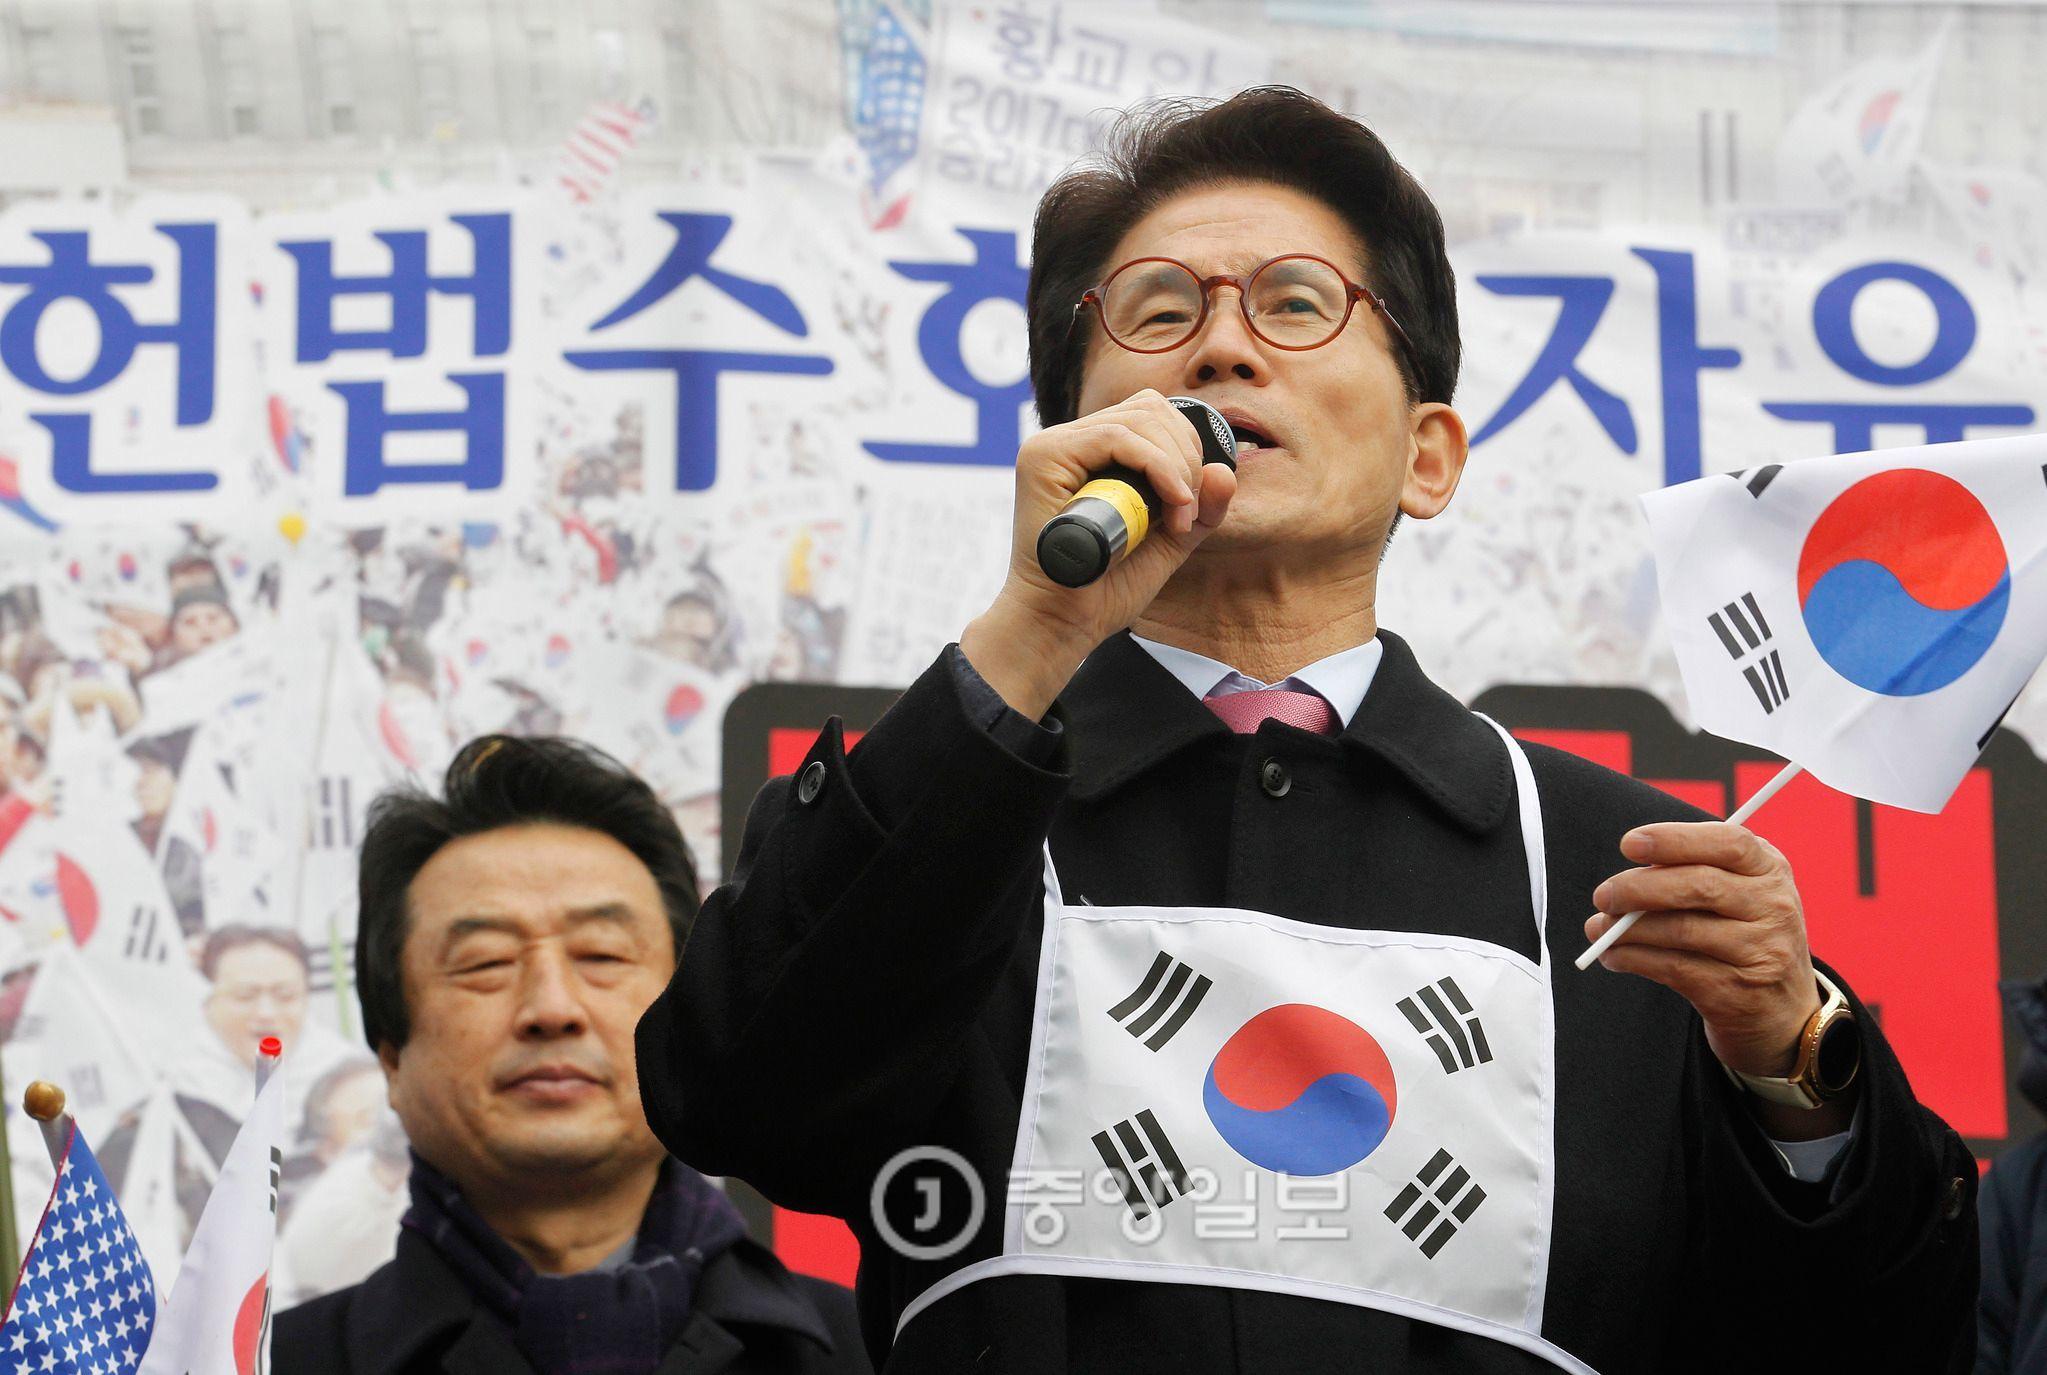 김문수 전 경기도지사가 태극기를 들고 발언하고 있다. [프리랜서 공정식]